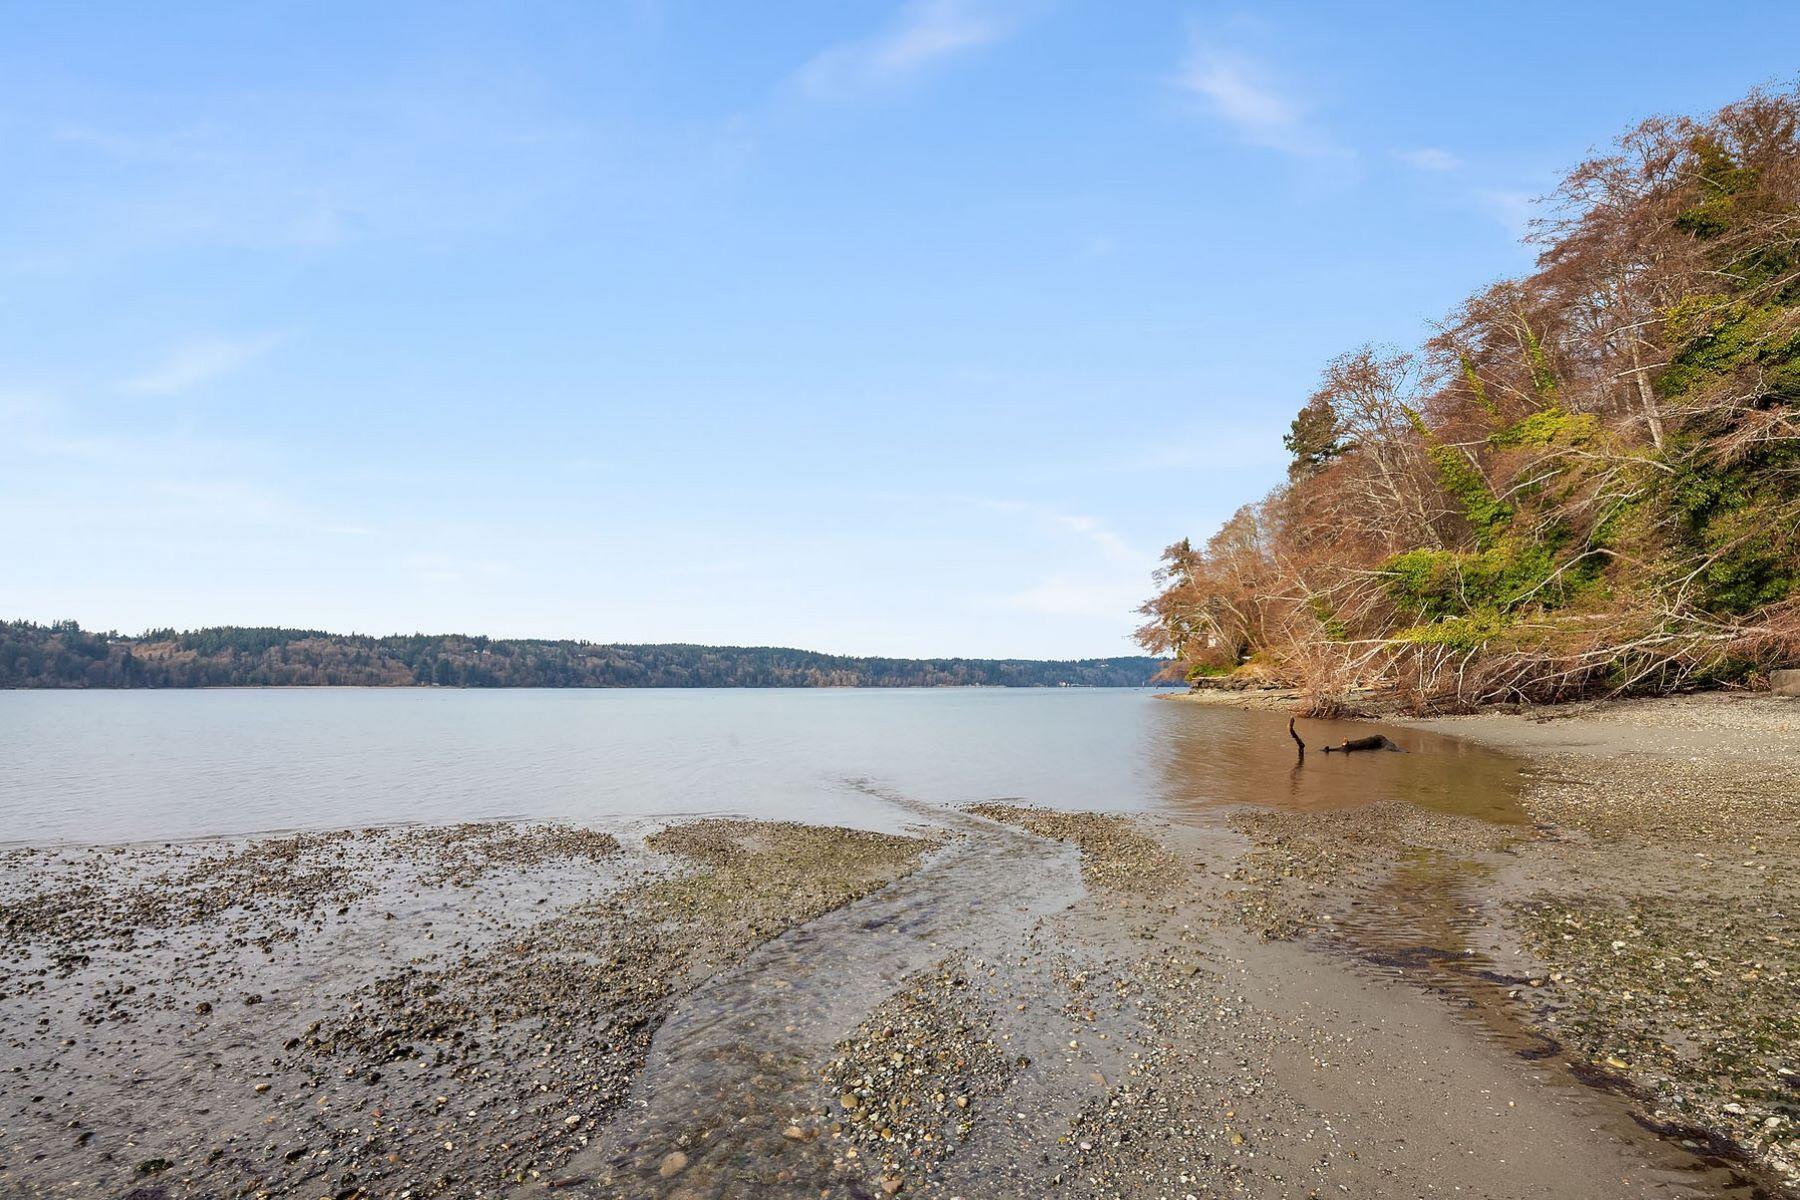 Additional photo for property listing at 19223 Robinwood Rd, Vashon 19223 Robinwood Rd Vashon, Washington 98070 United States